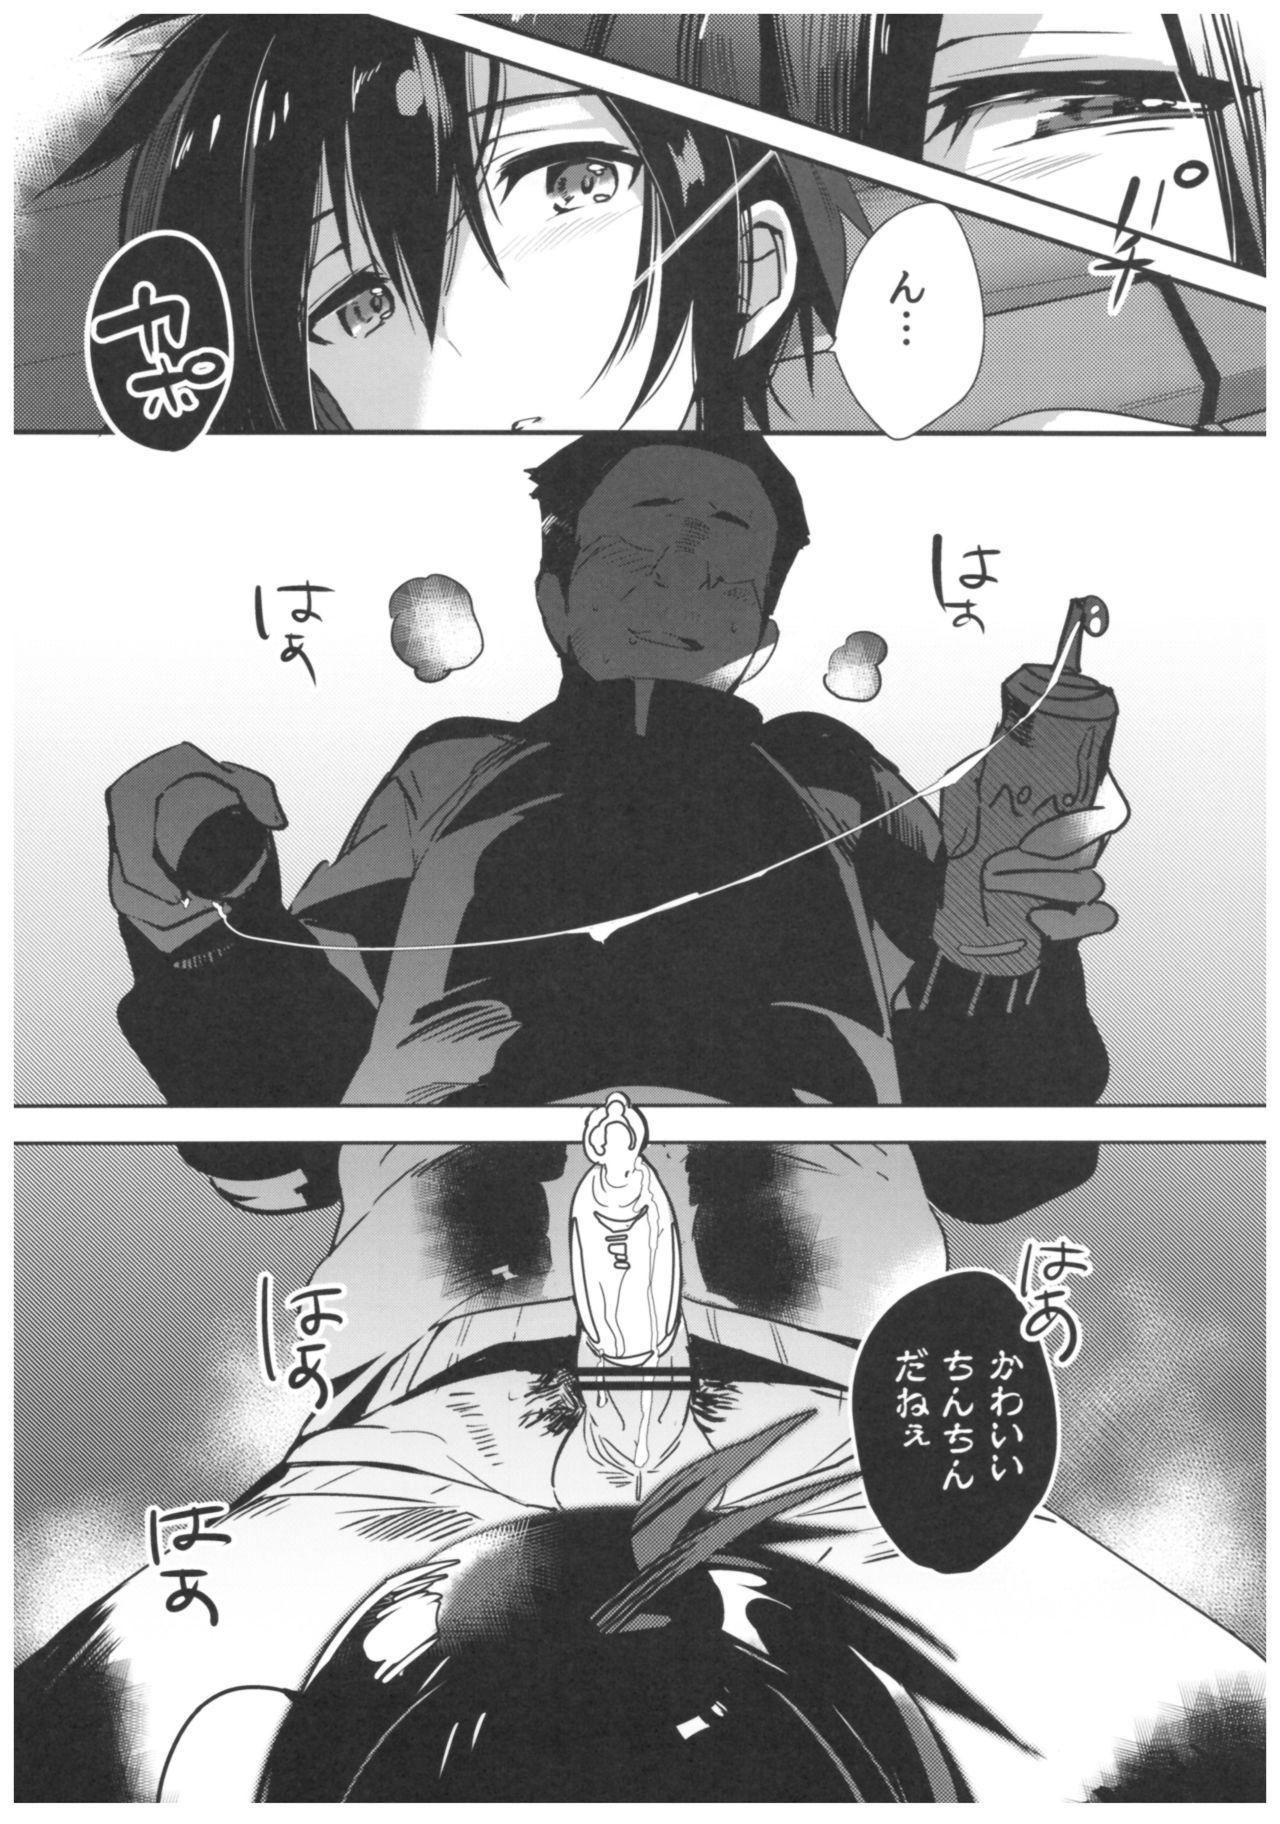 ♂ to Machigawarete ♂ ni Semarareta Ken 5